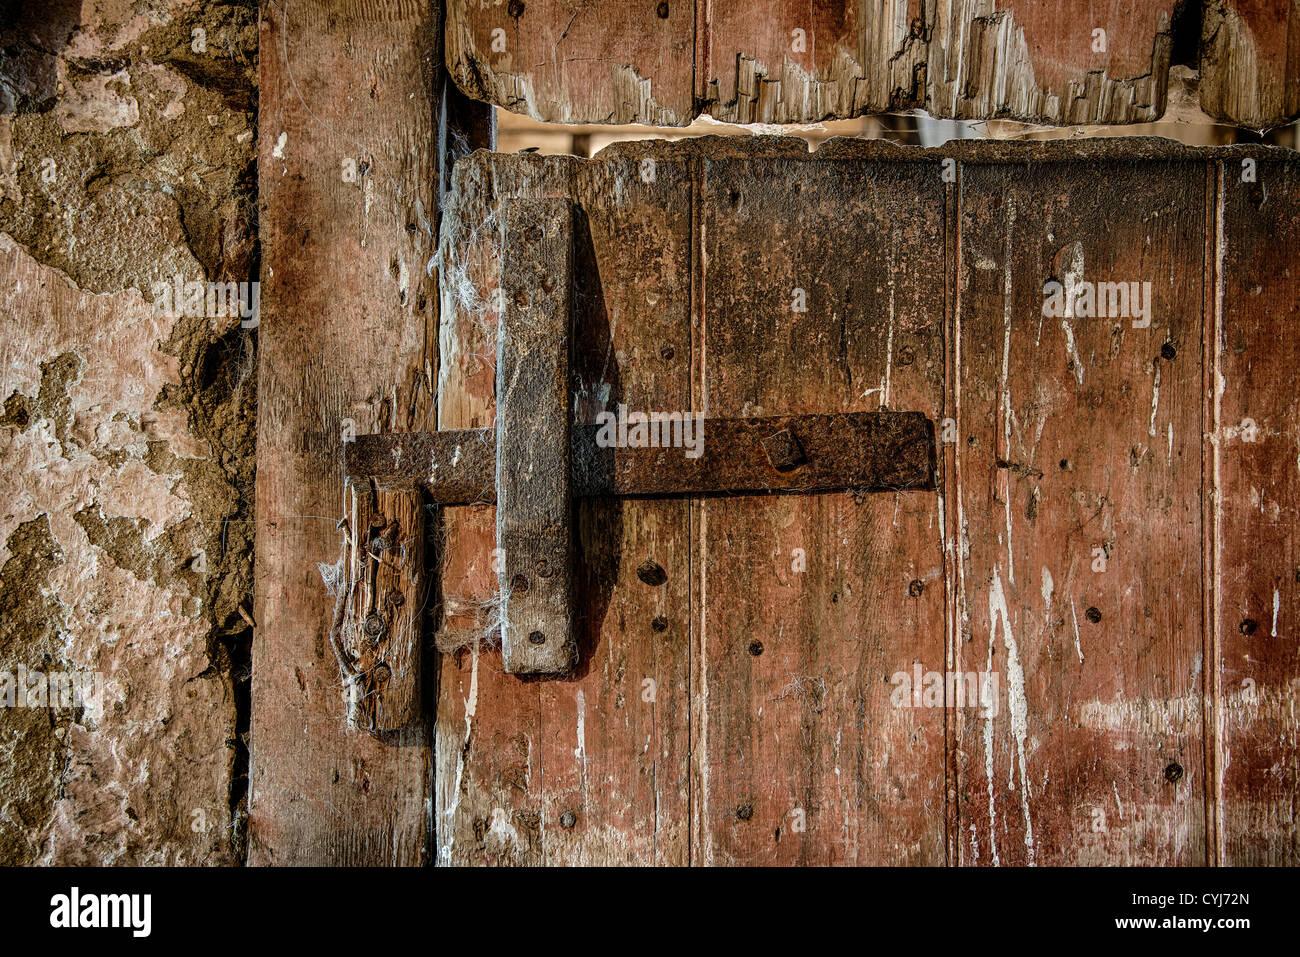 Rustic and worn stable door. - Stock Image